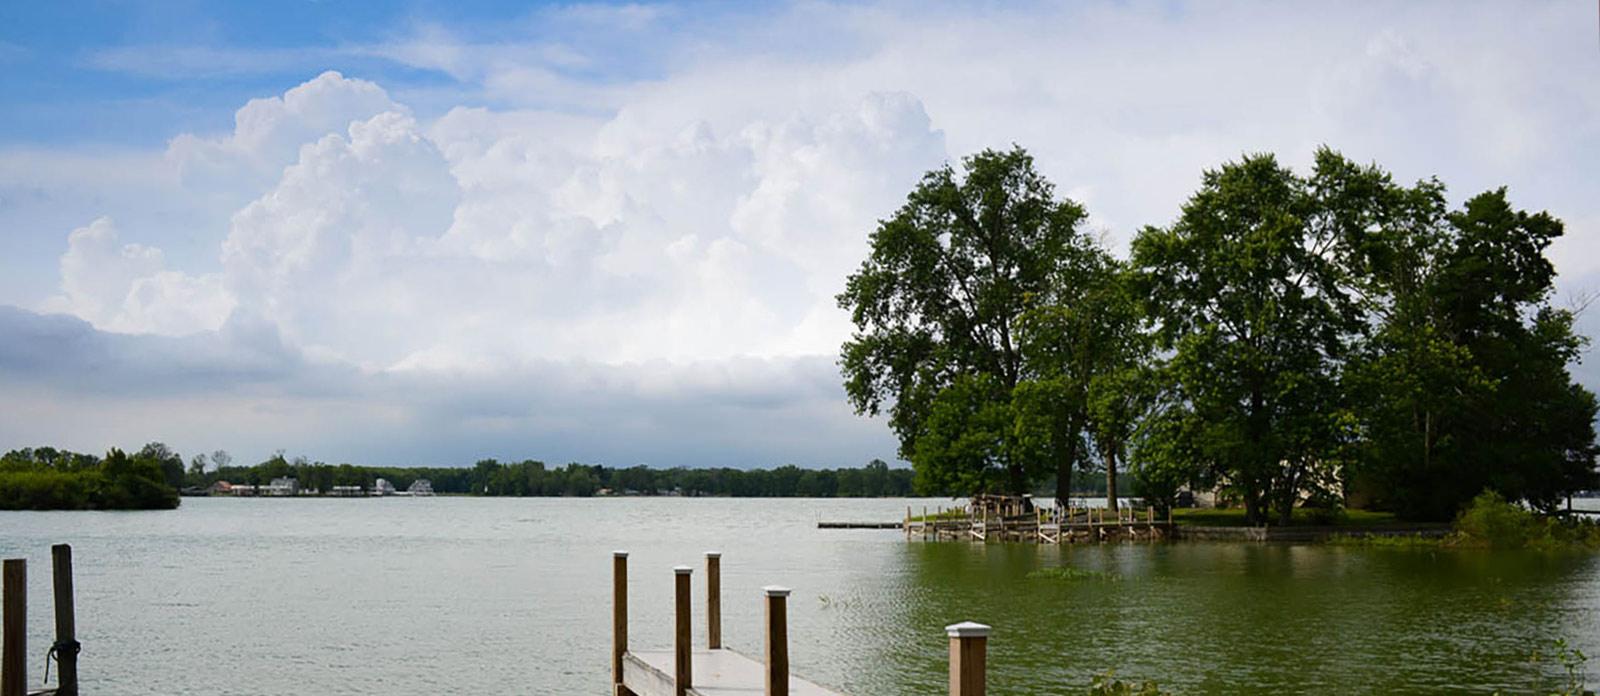 Buckeye Lake Communities - lakefront homes